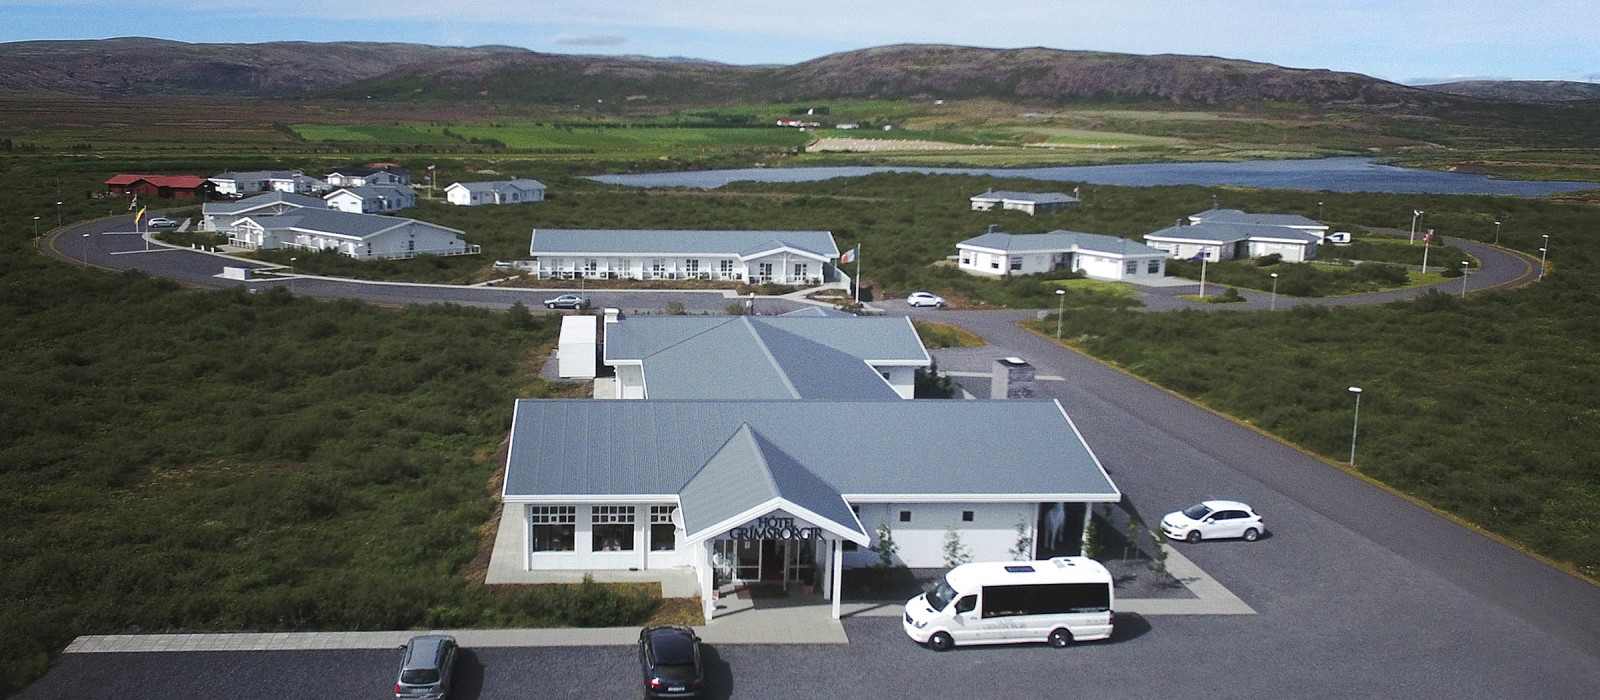 Hotel Hótel Grímsborgir Iceland